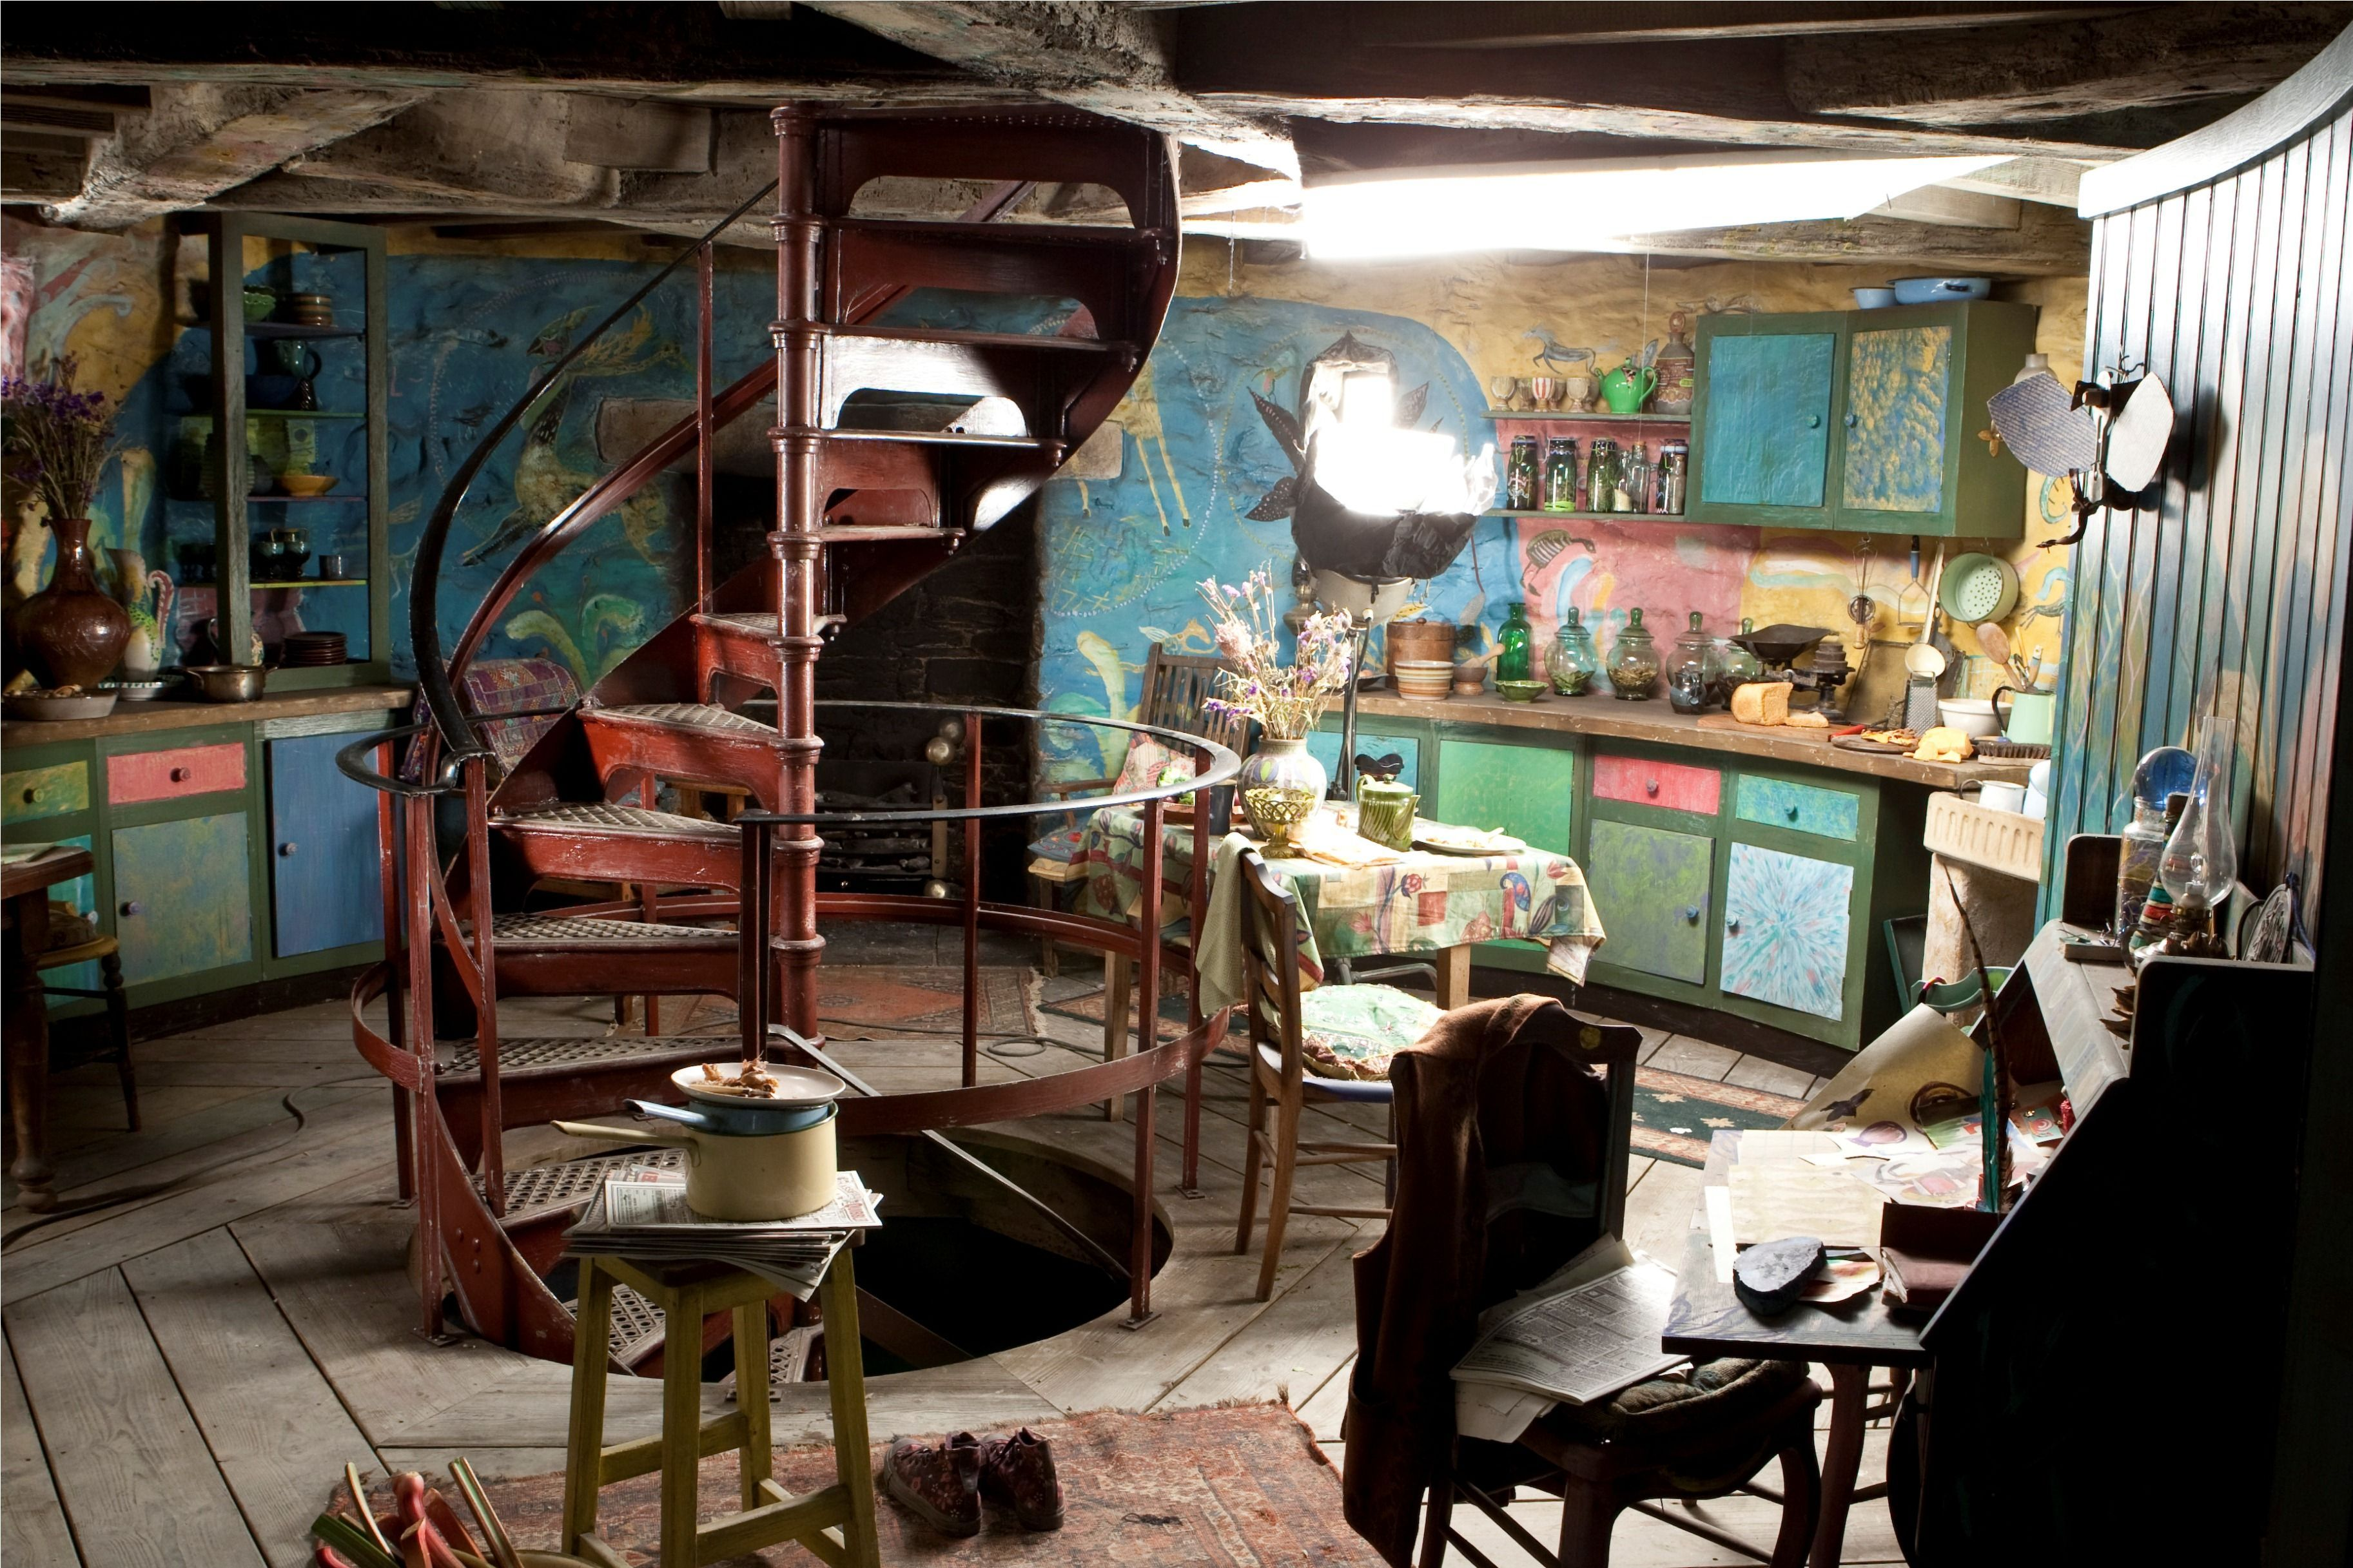 Idées Pour La Maison, Décor De Film, Poudlard, Valises, Harry Potter World